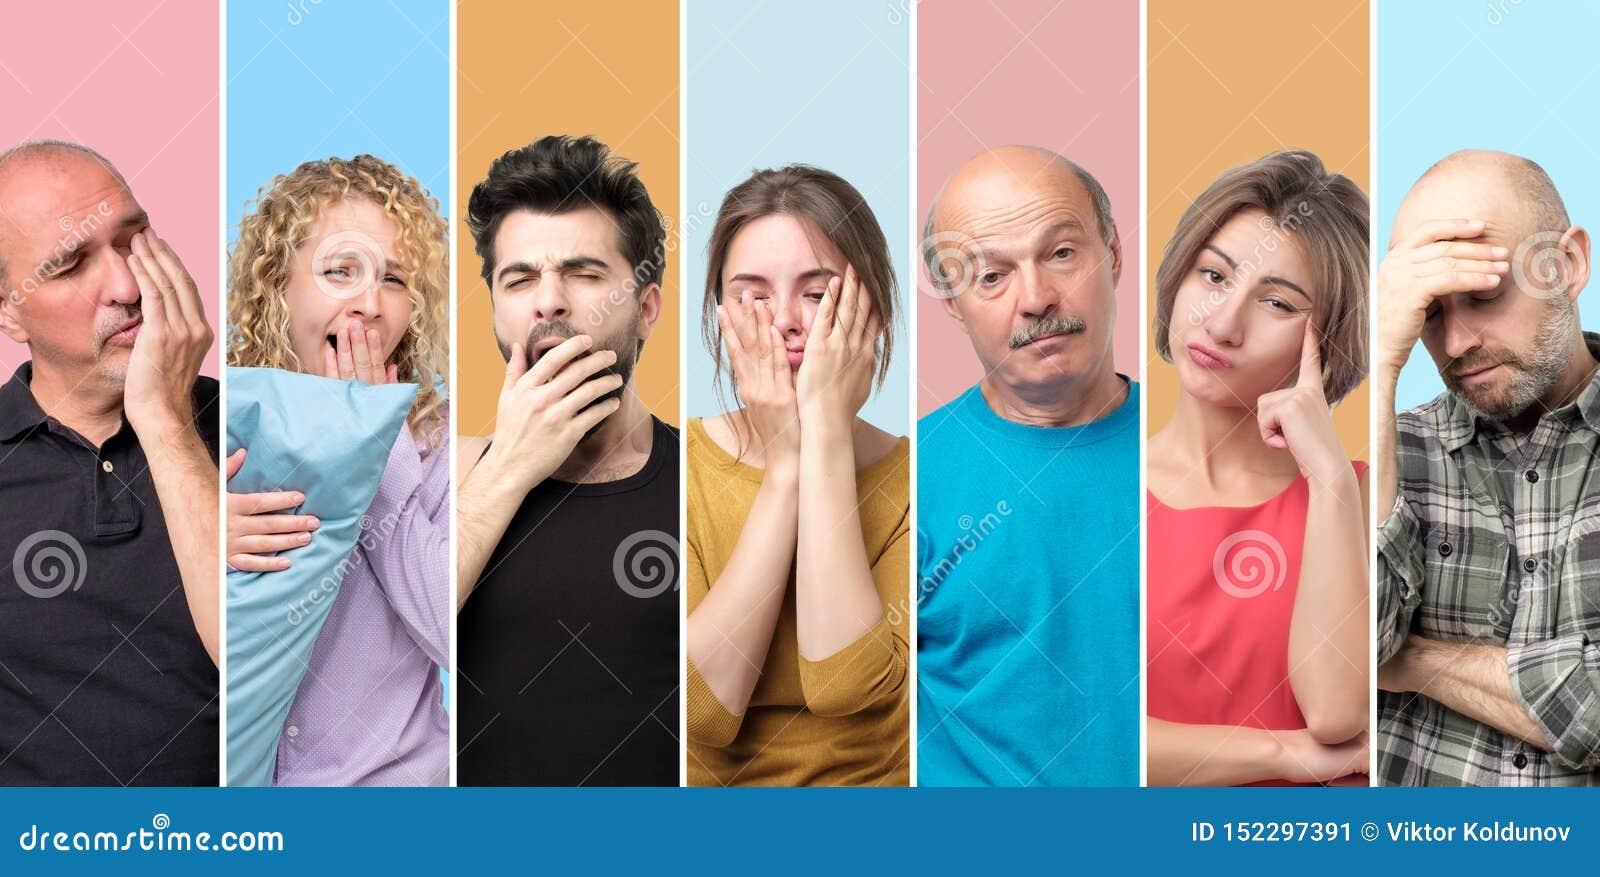 Colagem de homens sonolentos sonolentos e de mulheres que estão sendo cansados e esgotados